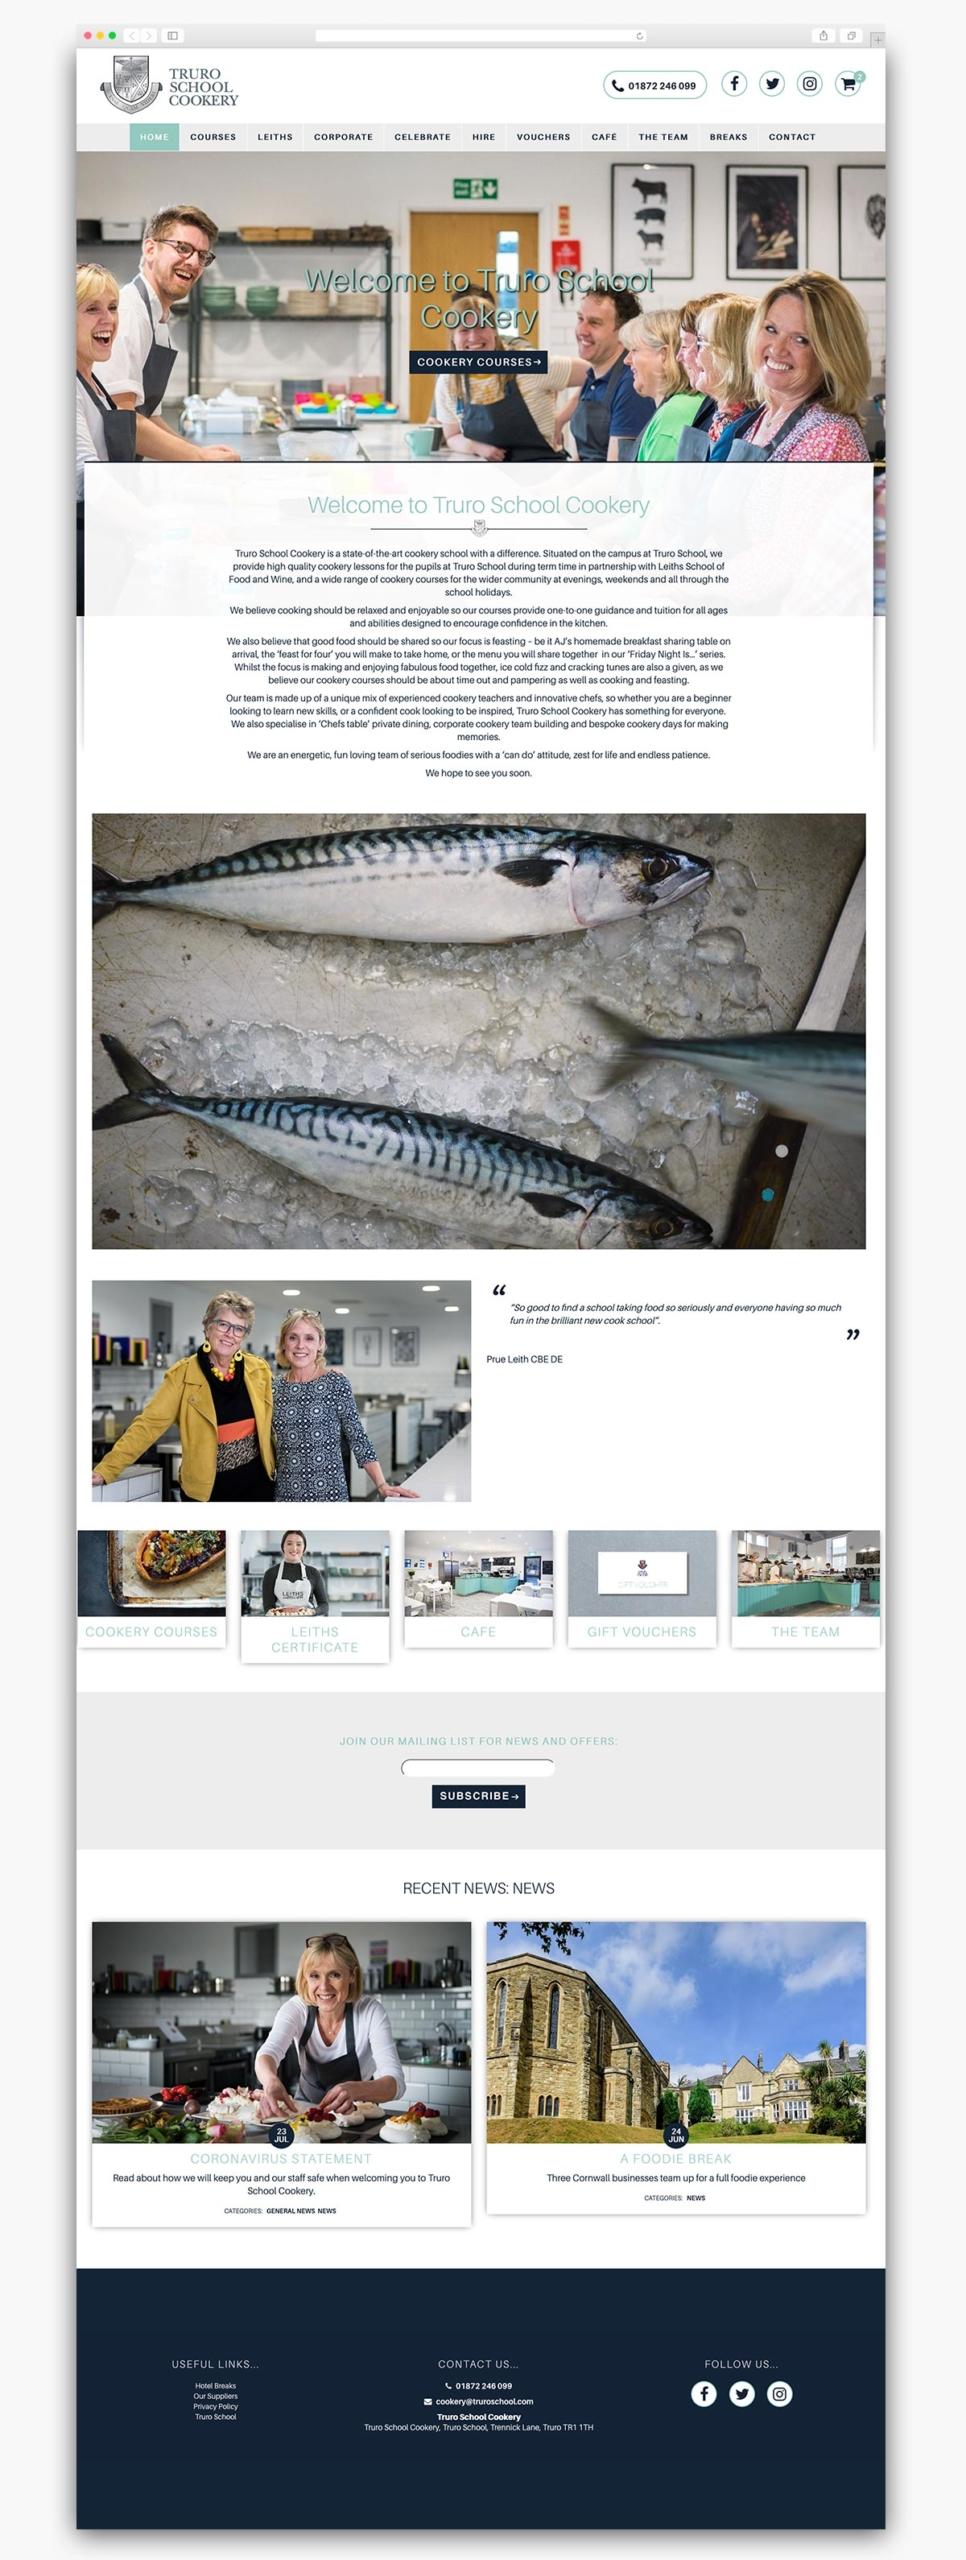 Truro School Cookery Wordpress Website Homepage Design